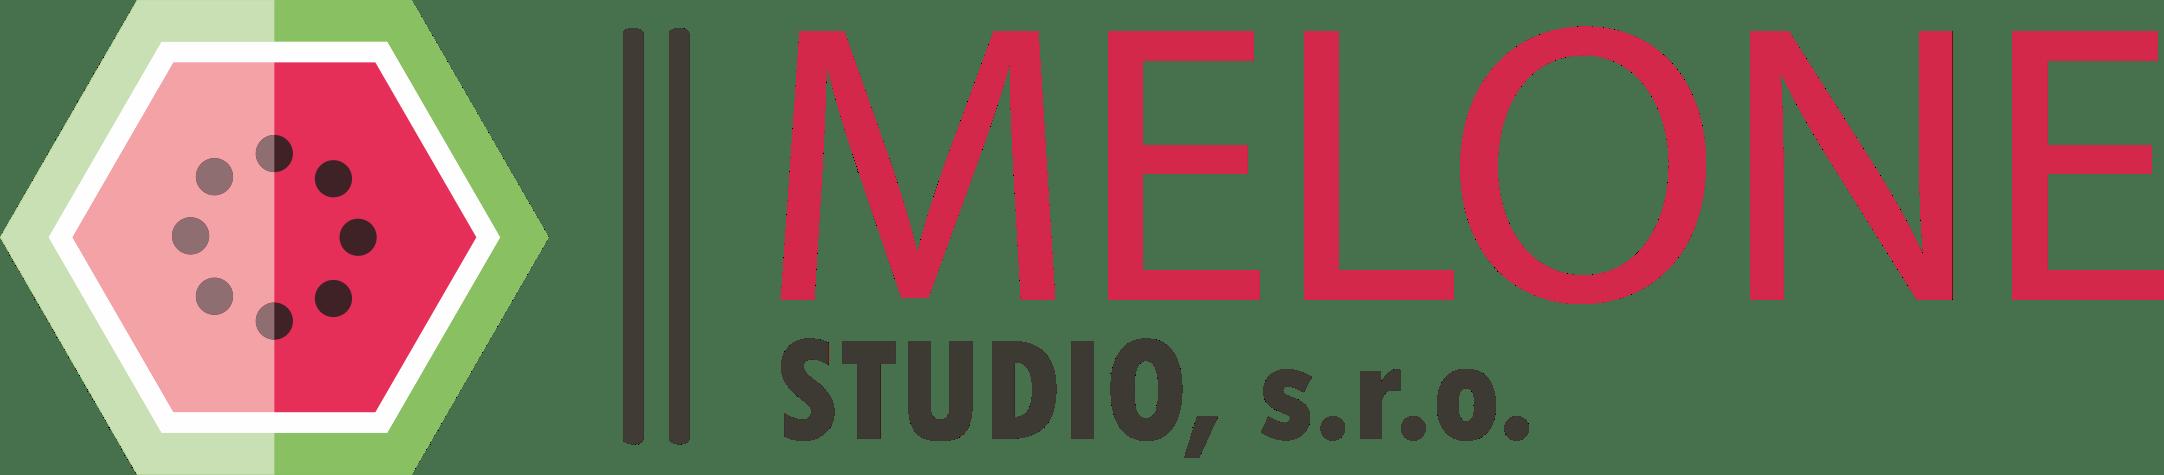 Melone studio s.r.o. Logo